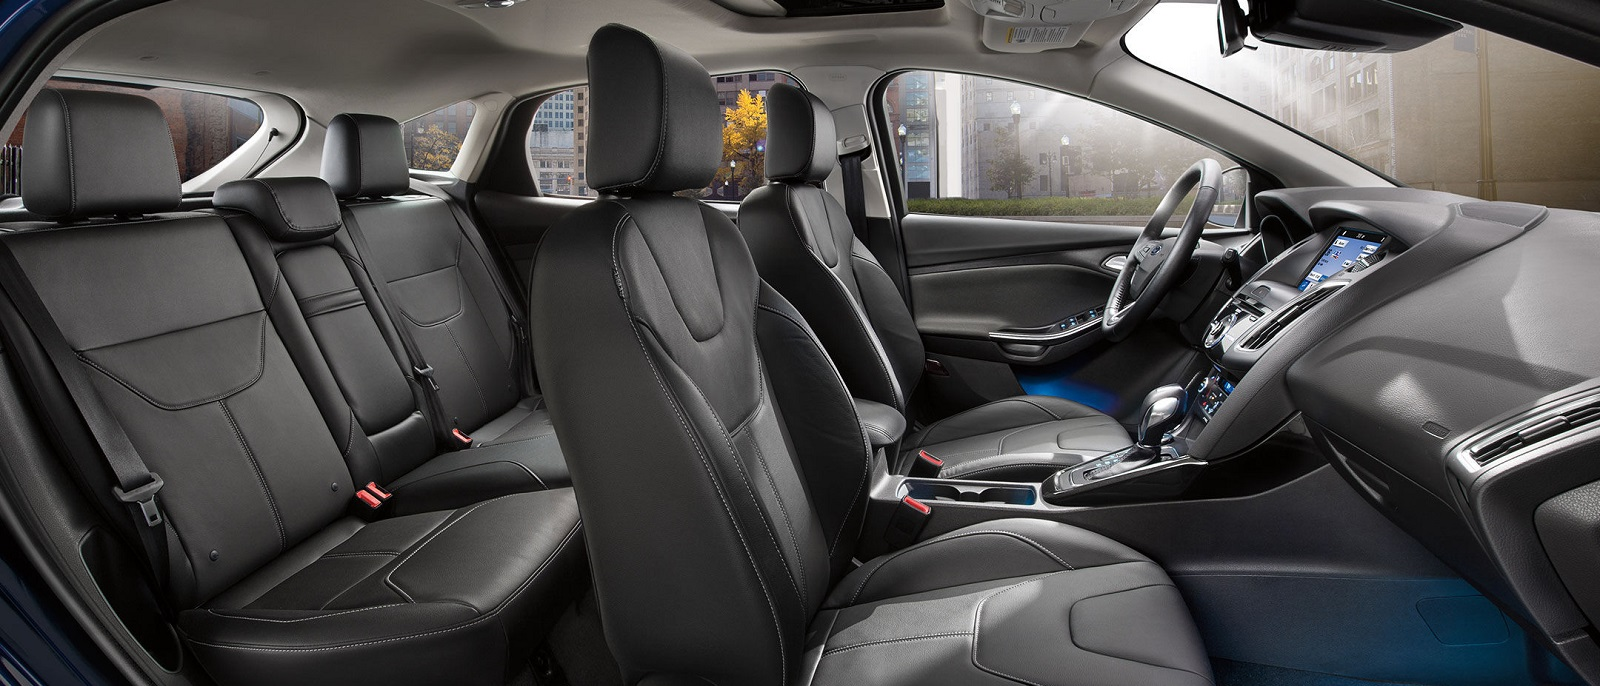 2017-ford-focus-interior-seats